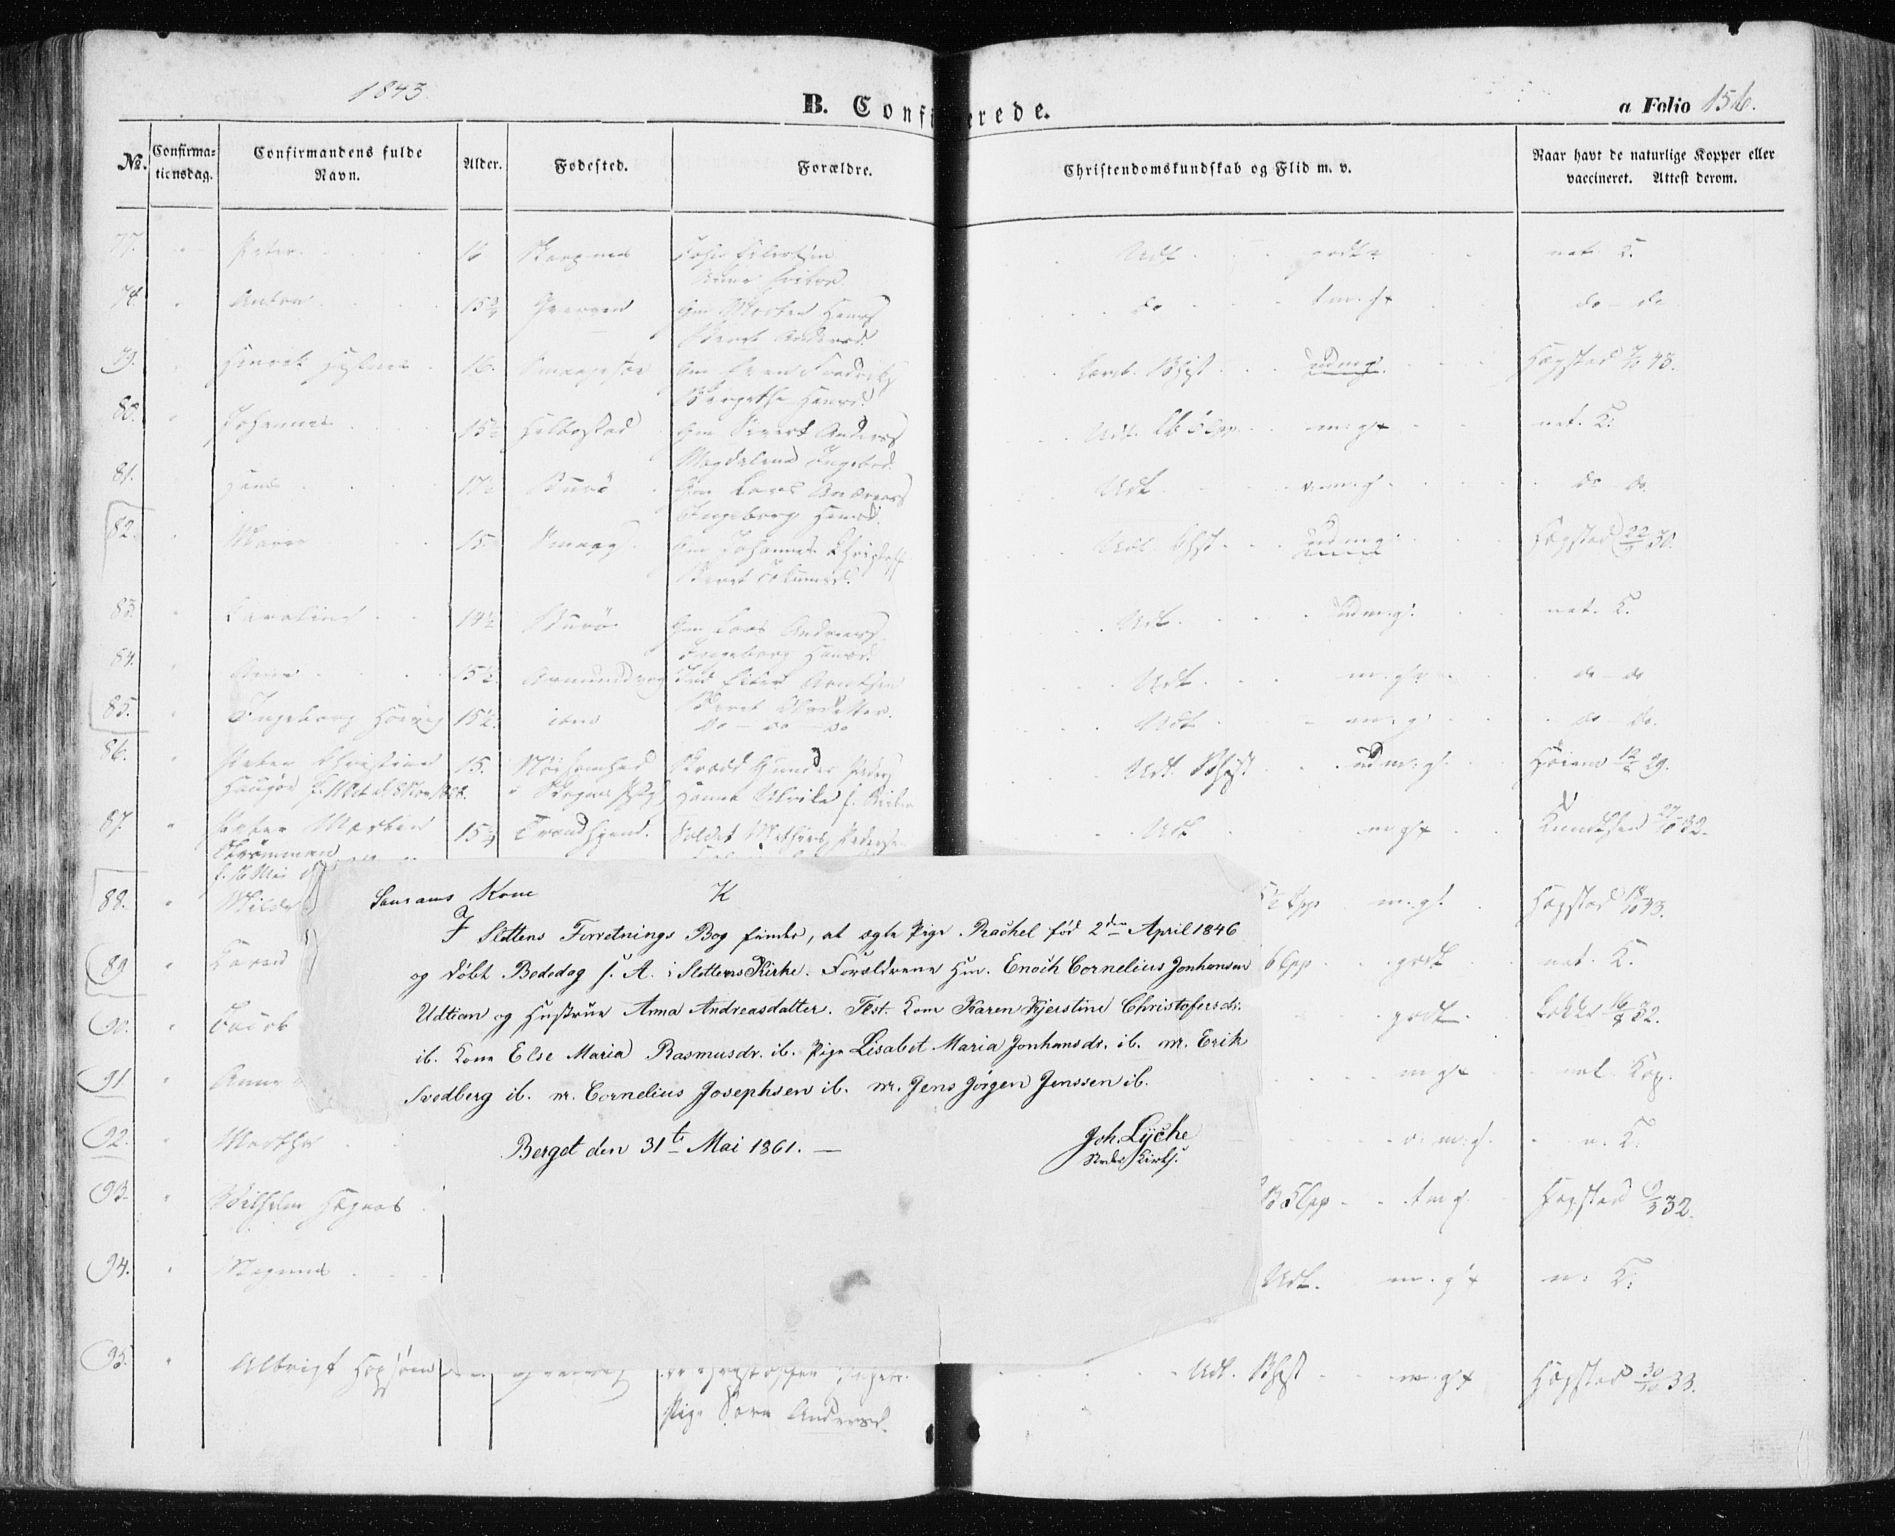 SAT, Ministerialprotokoller, klokkerbøker og fødselsregistre - Sør-Trøndelag, 634/L0529: Ministerialbok nr. 634A05, 1843-1851, s. 156